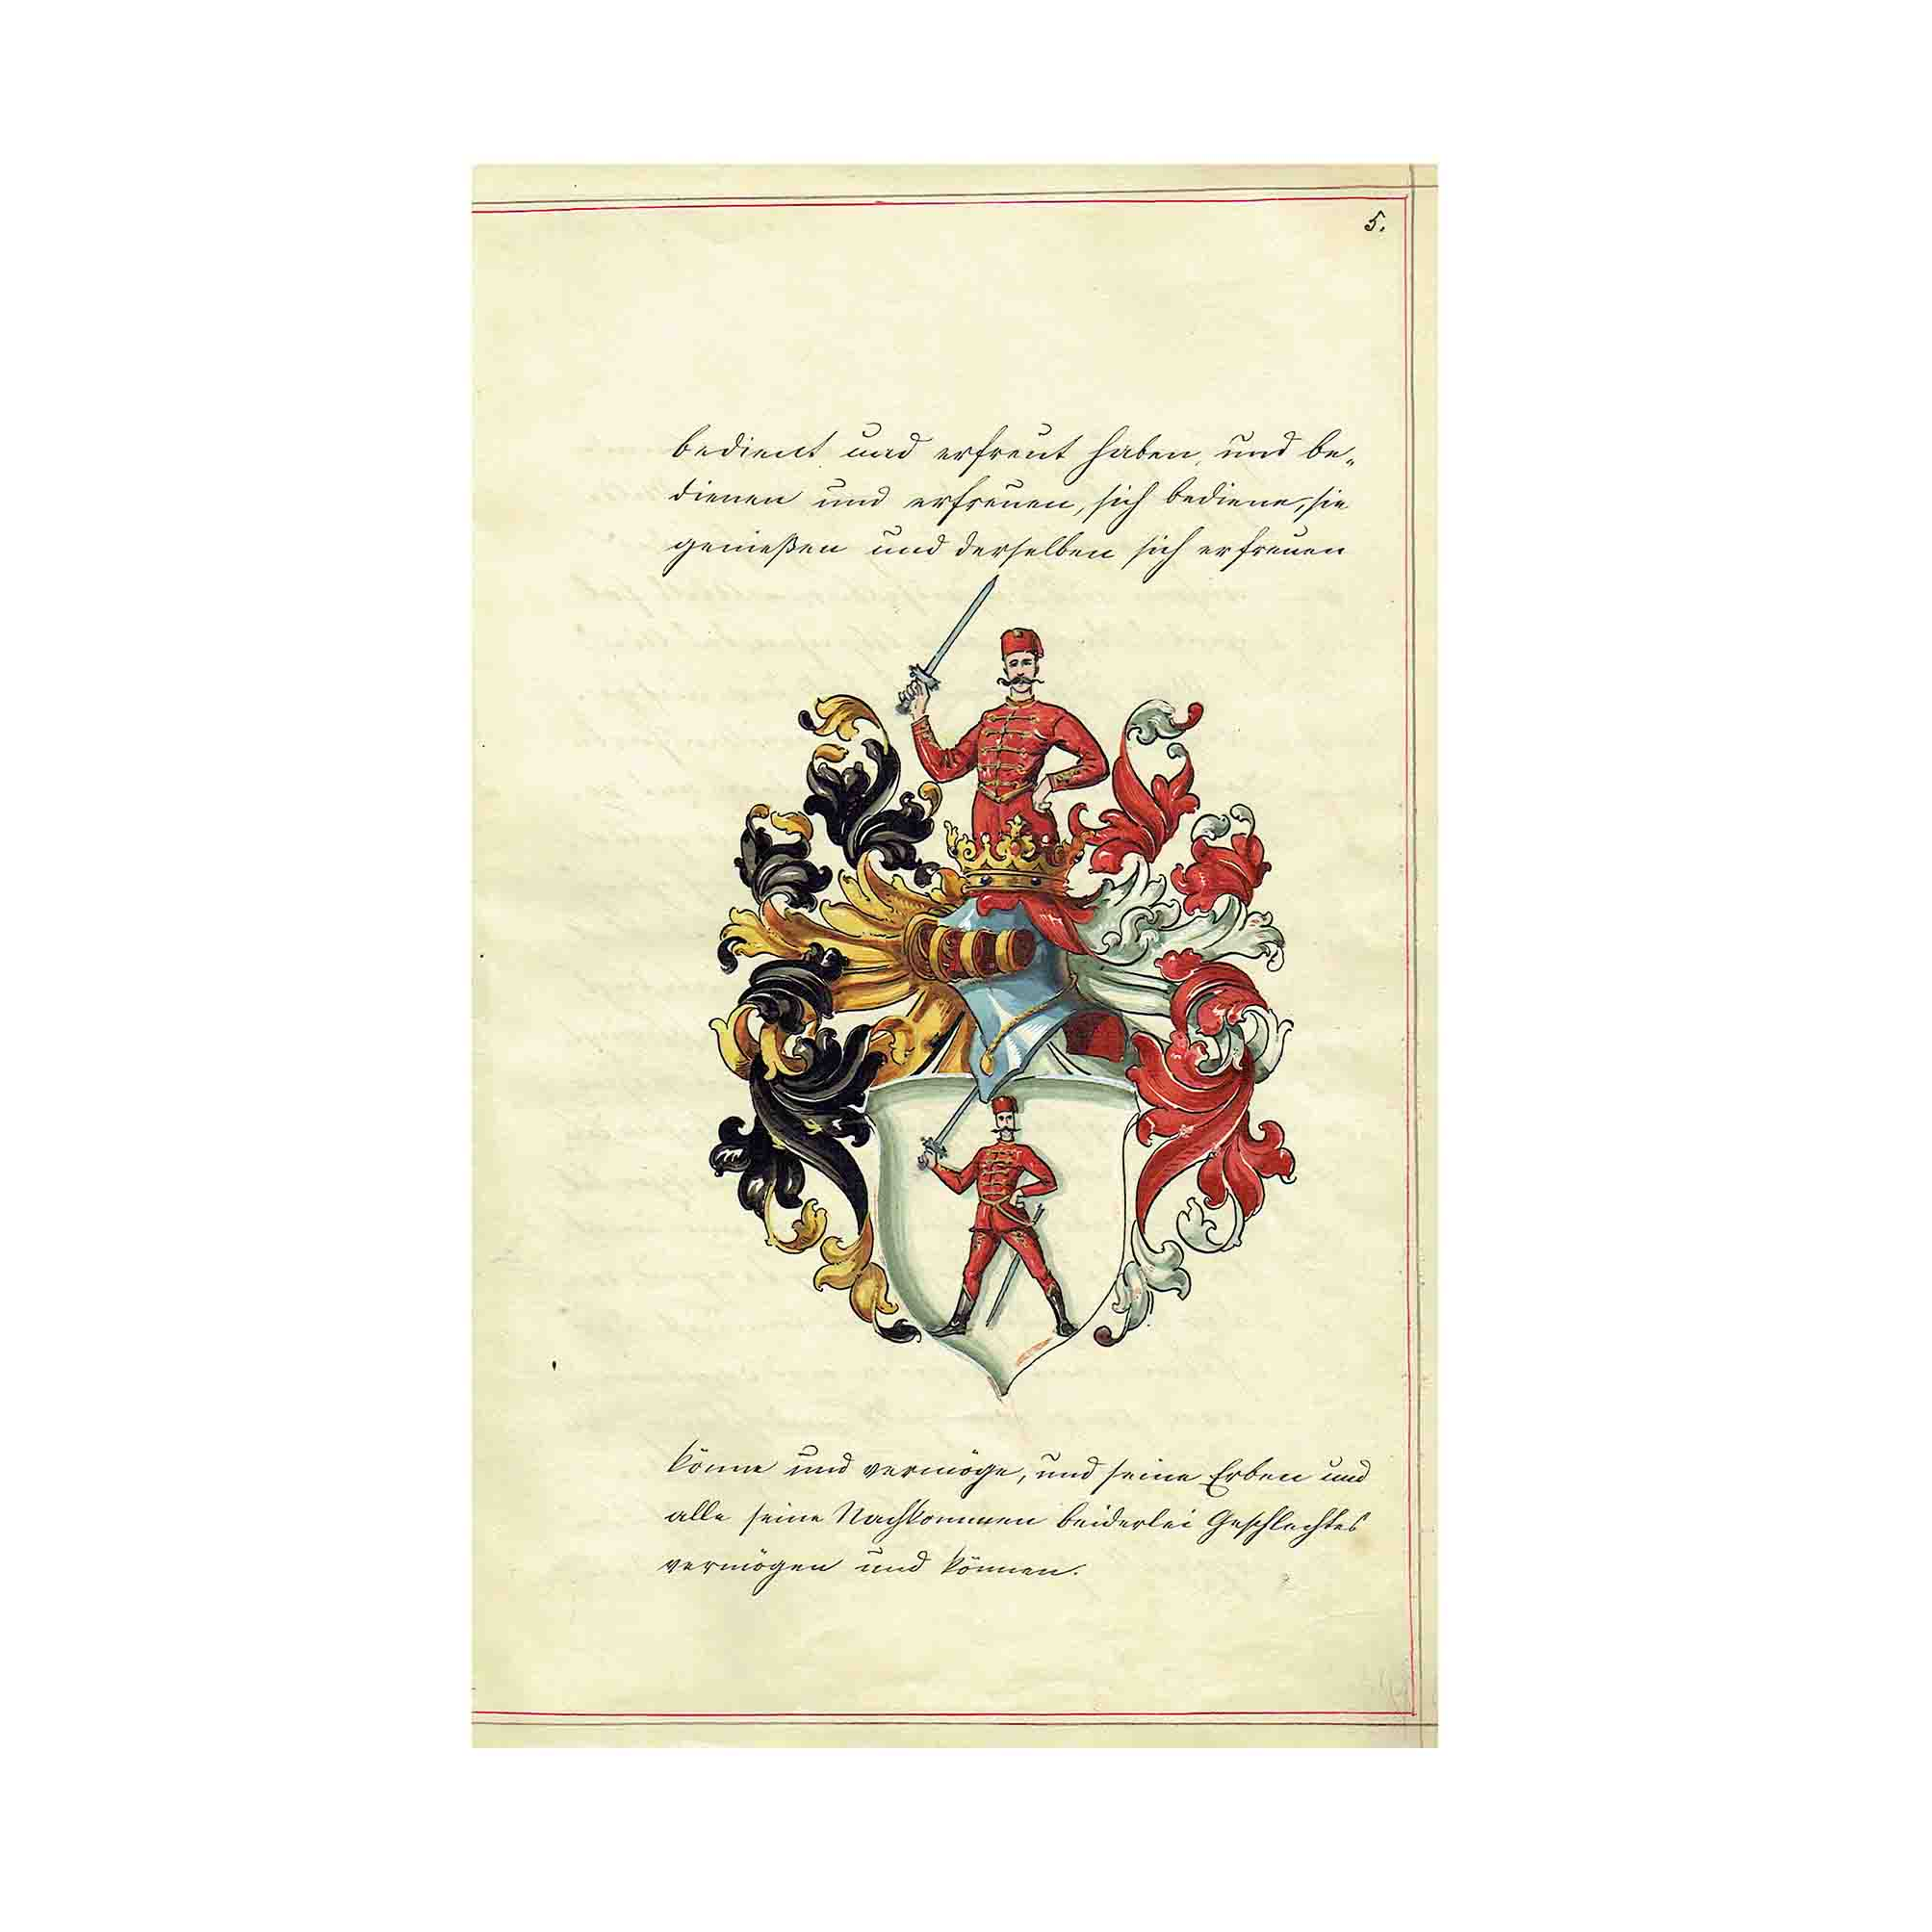 5673-Keszthely-Adelsdiplom-1712-Uebersetzung-Wappen-N.jpg